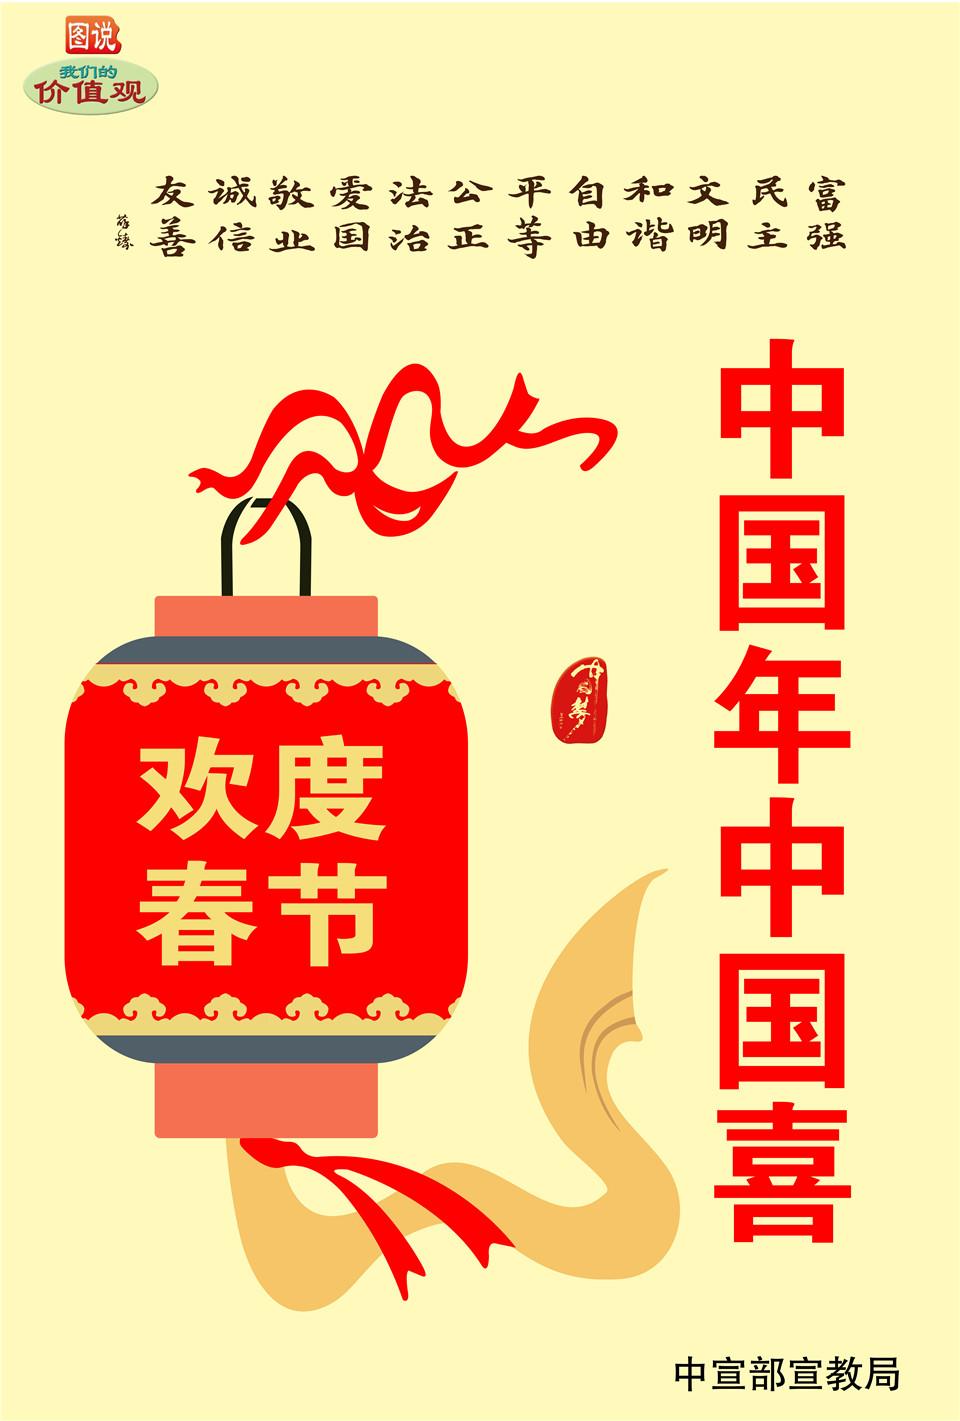 中国年中国喜